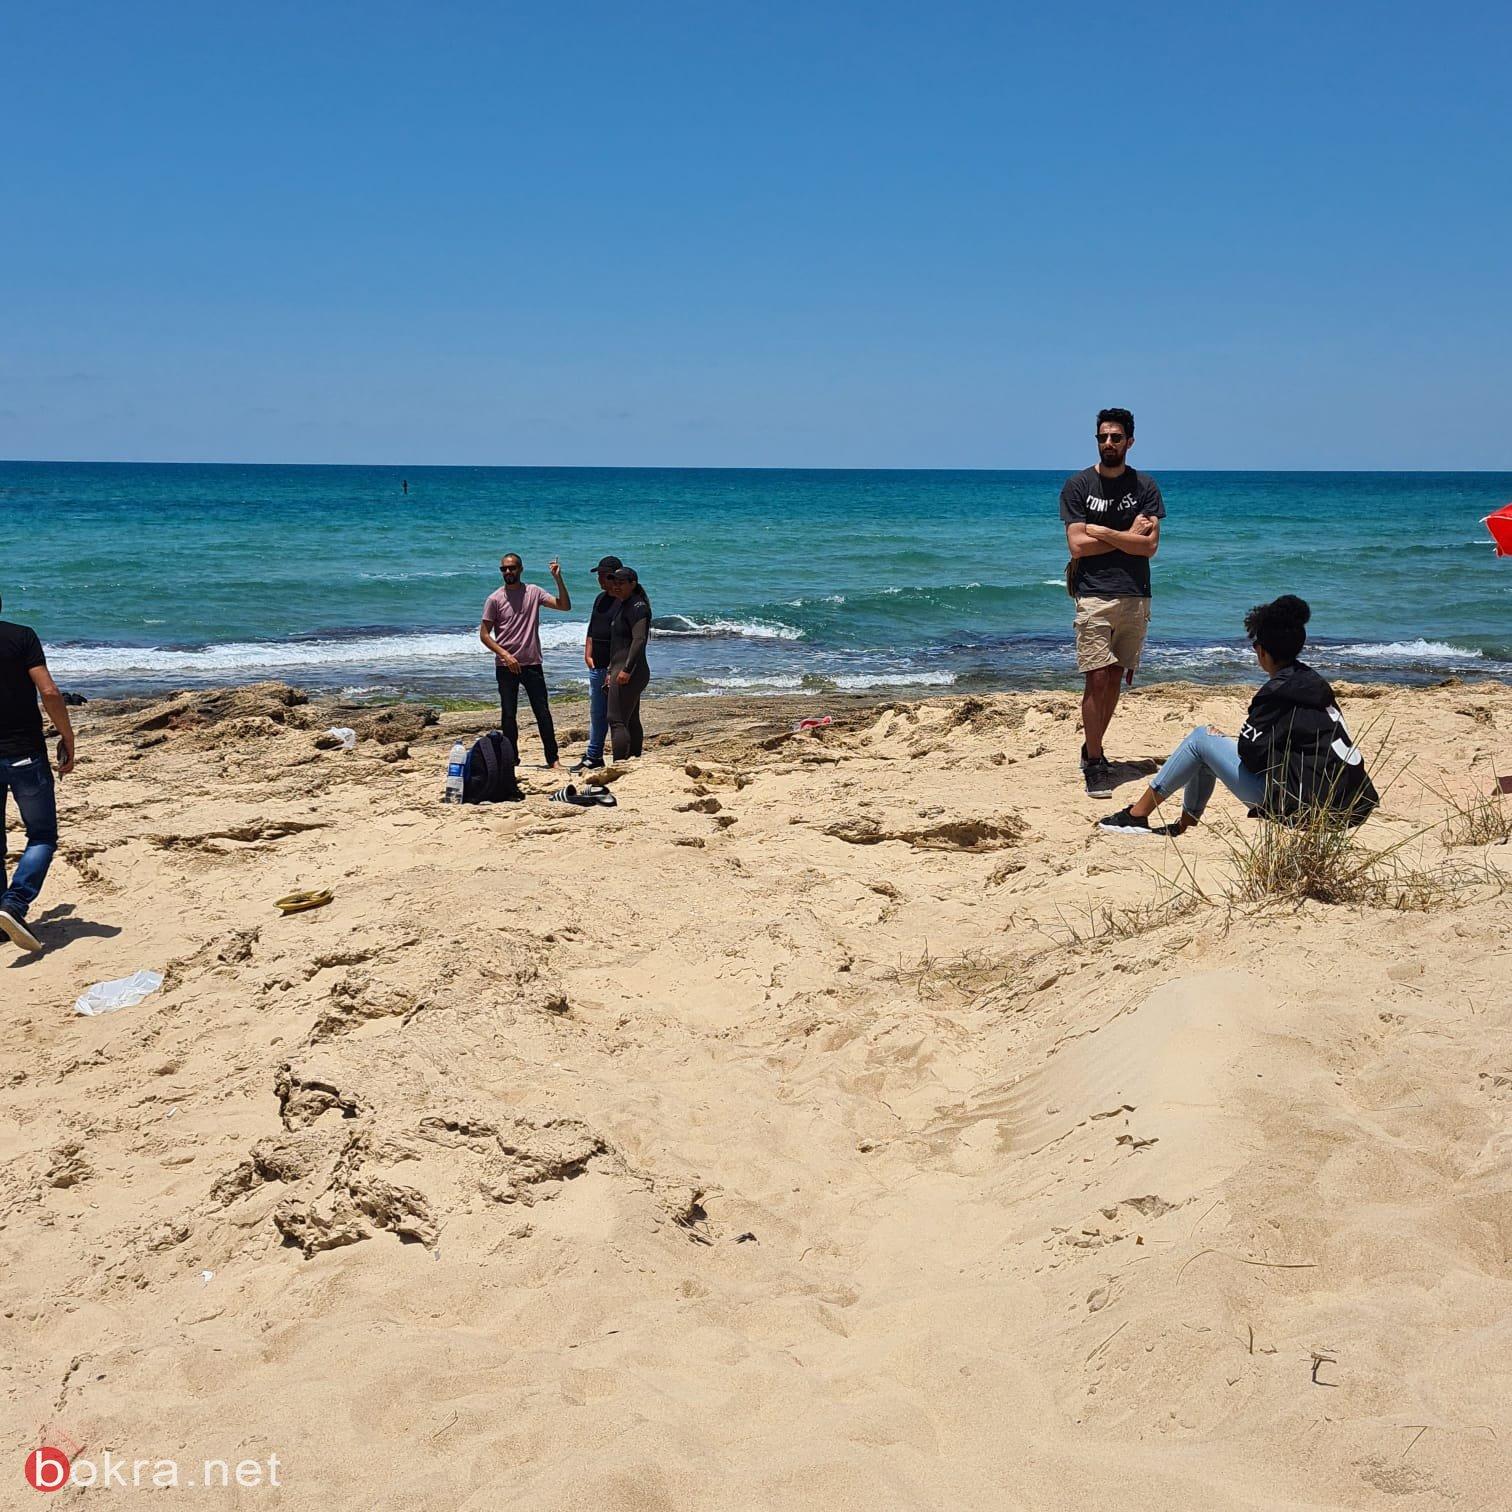 د. أمين صفيّة: عمليات البحث مستمرة من شاطئ عتليت حتى الفريديس للعثور على أيمن